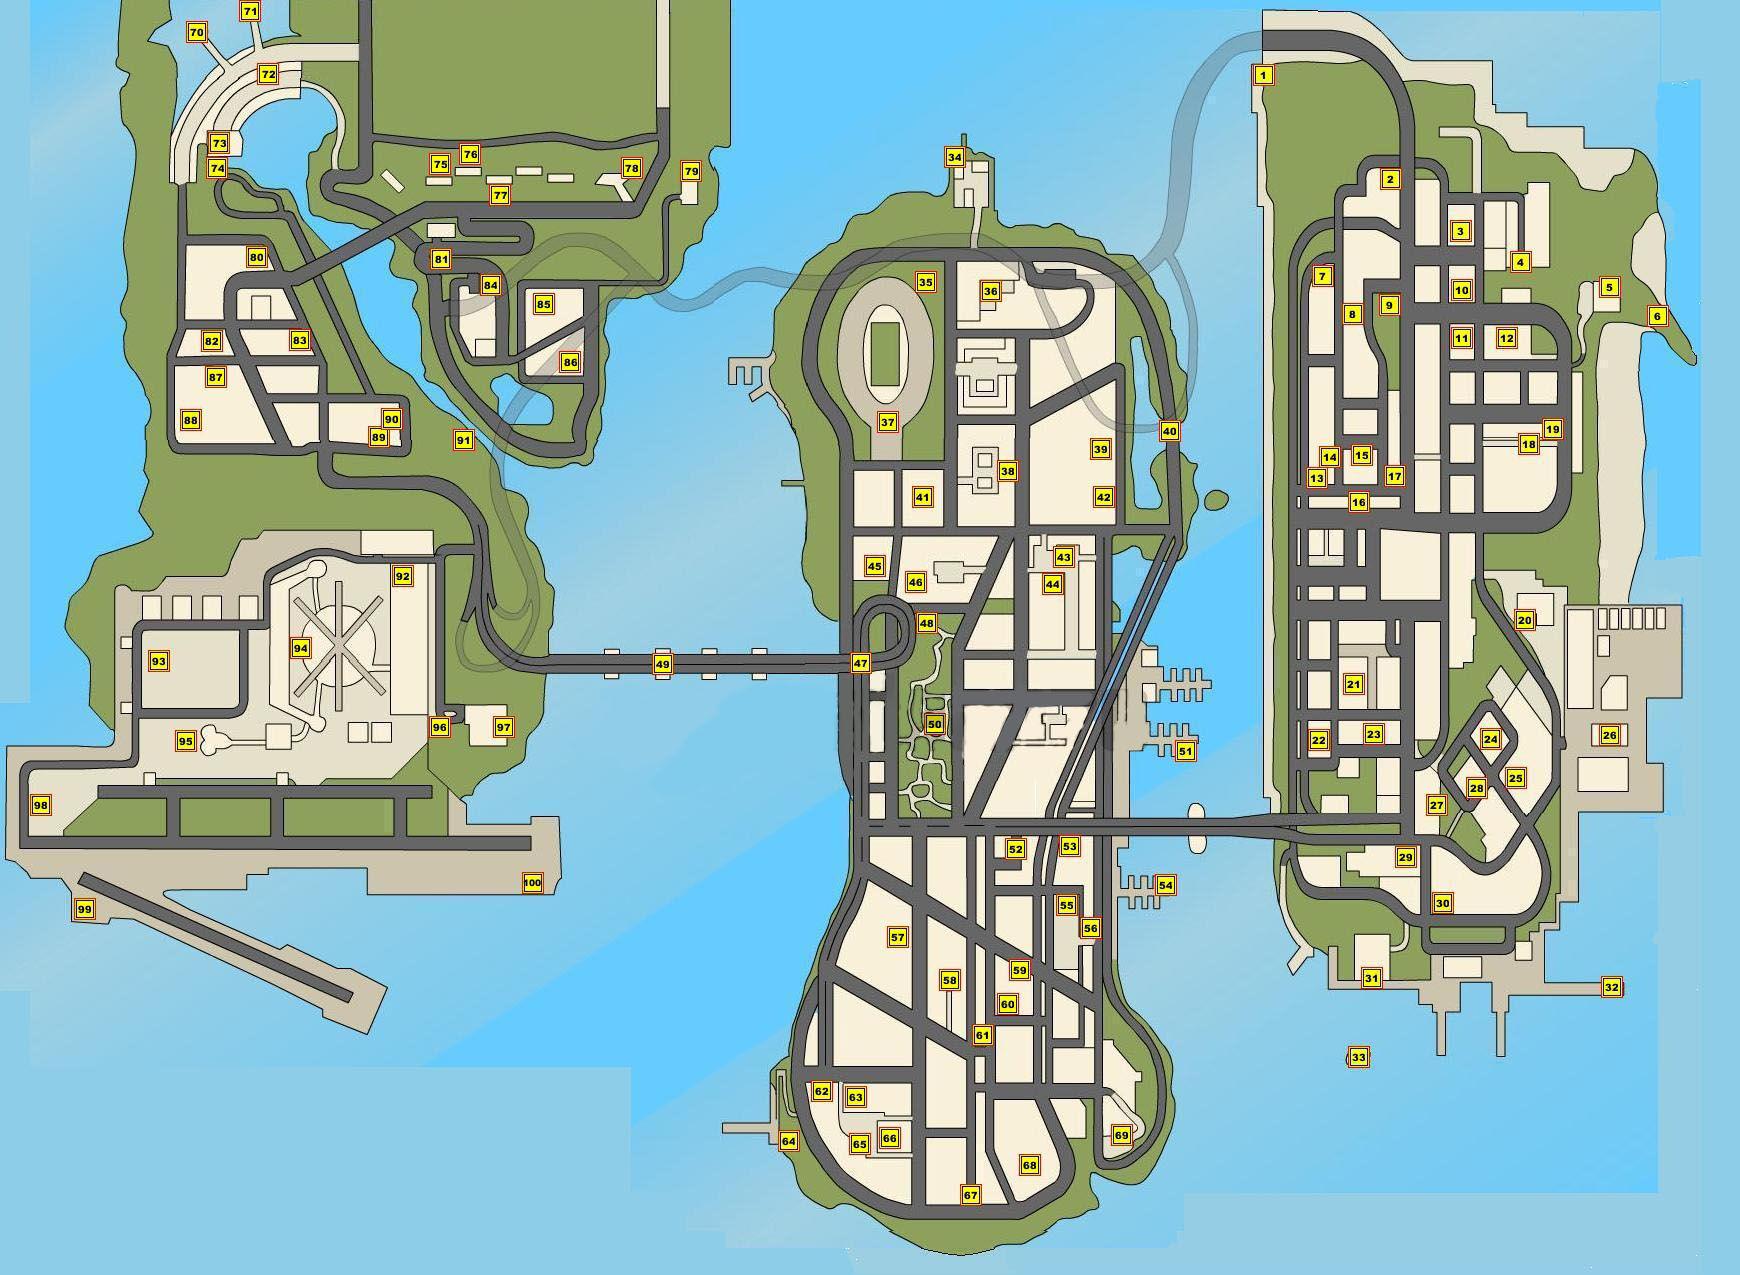 ¿A qué juego pertenece este mapa?